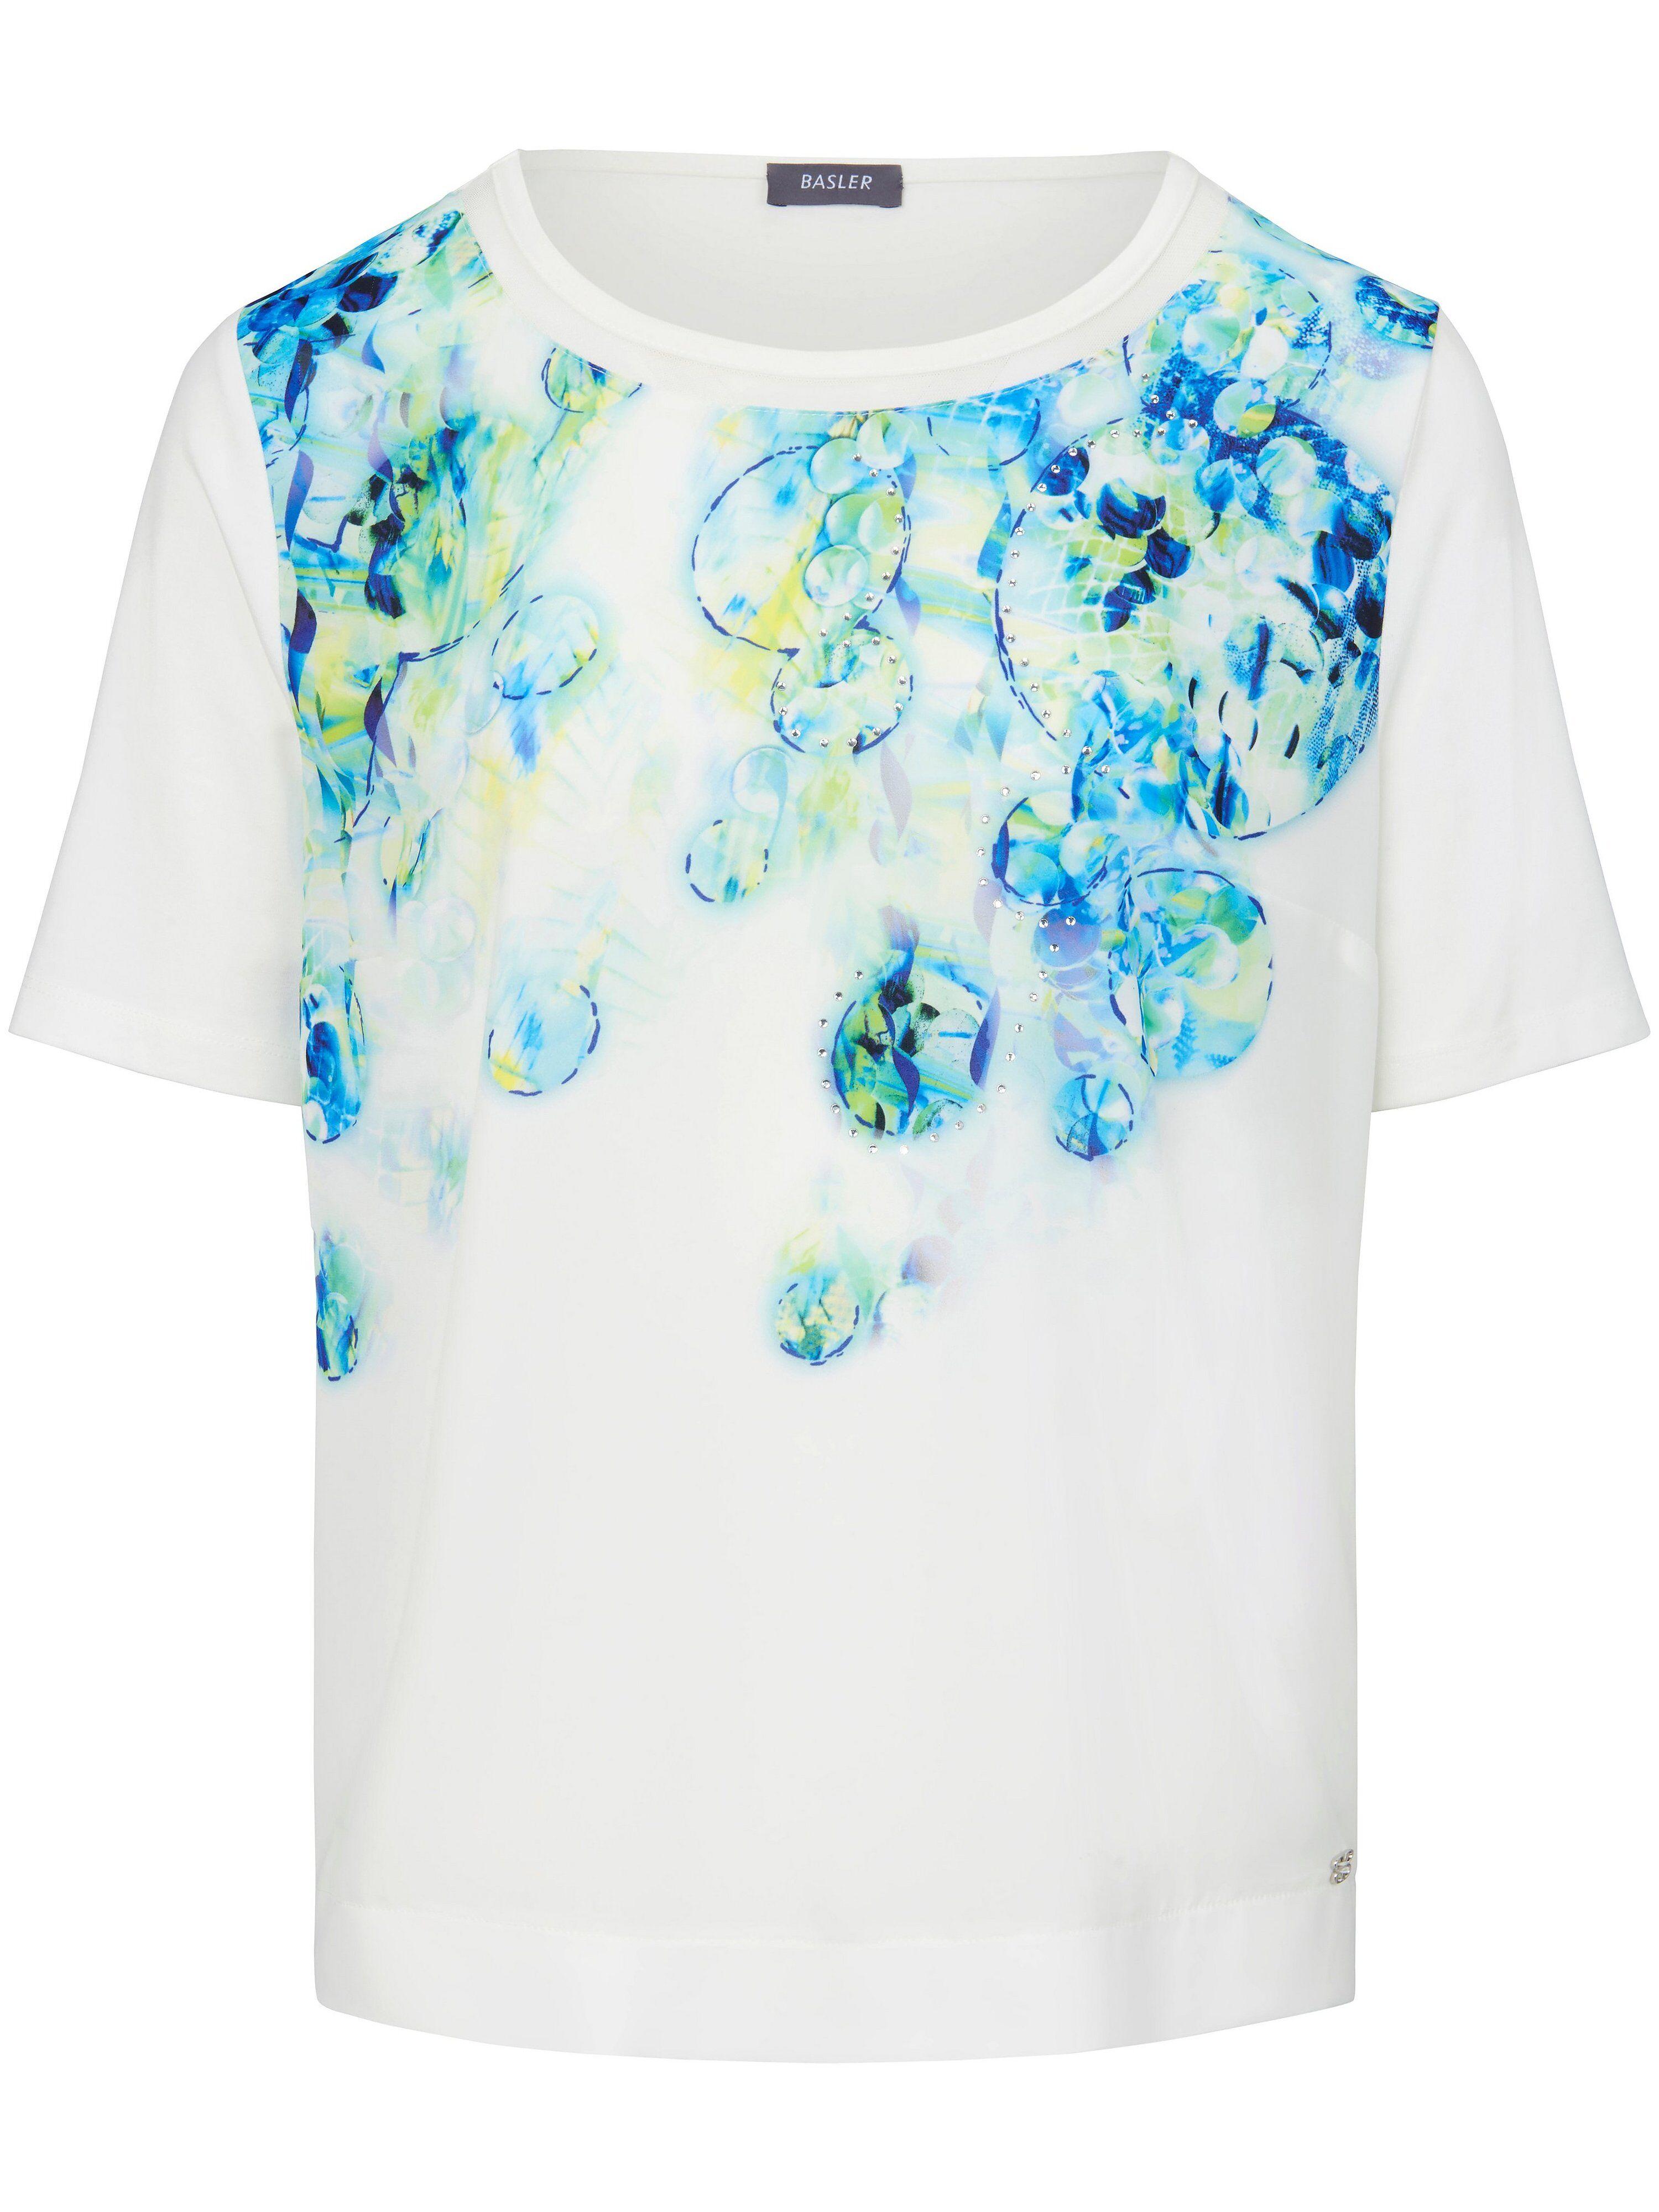 Basler Le T-shirt ligne fluide  Basler blanc  - Femme - 40